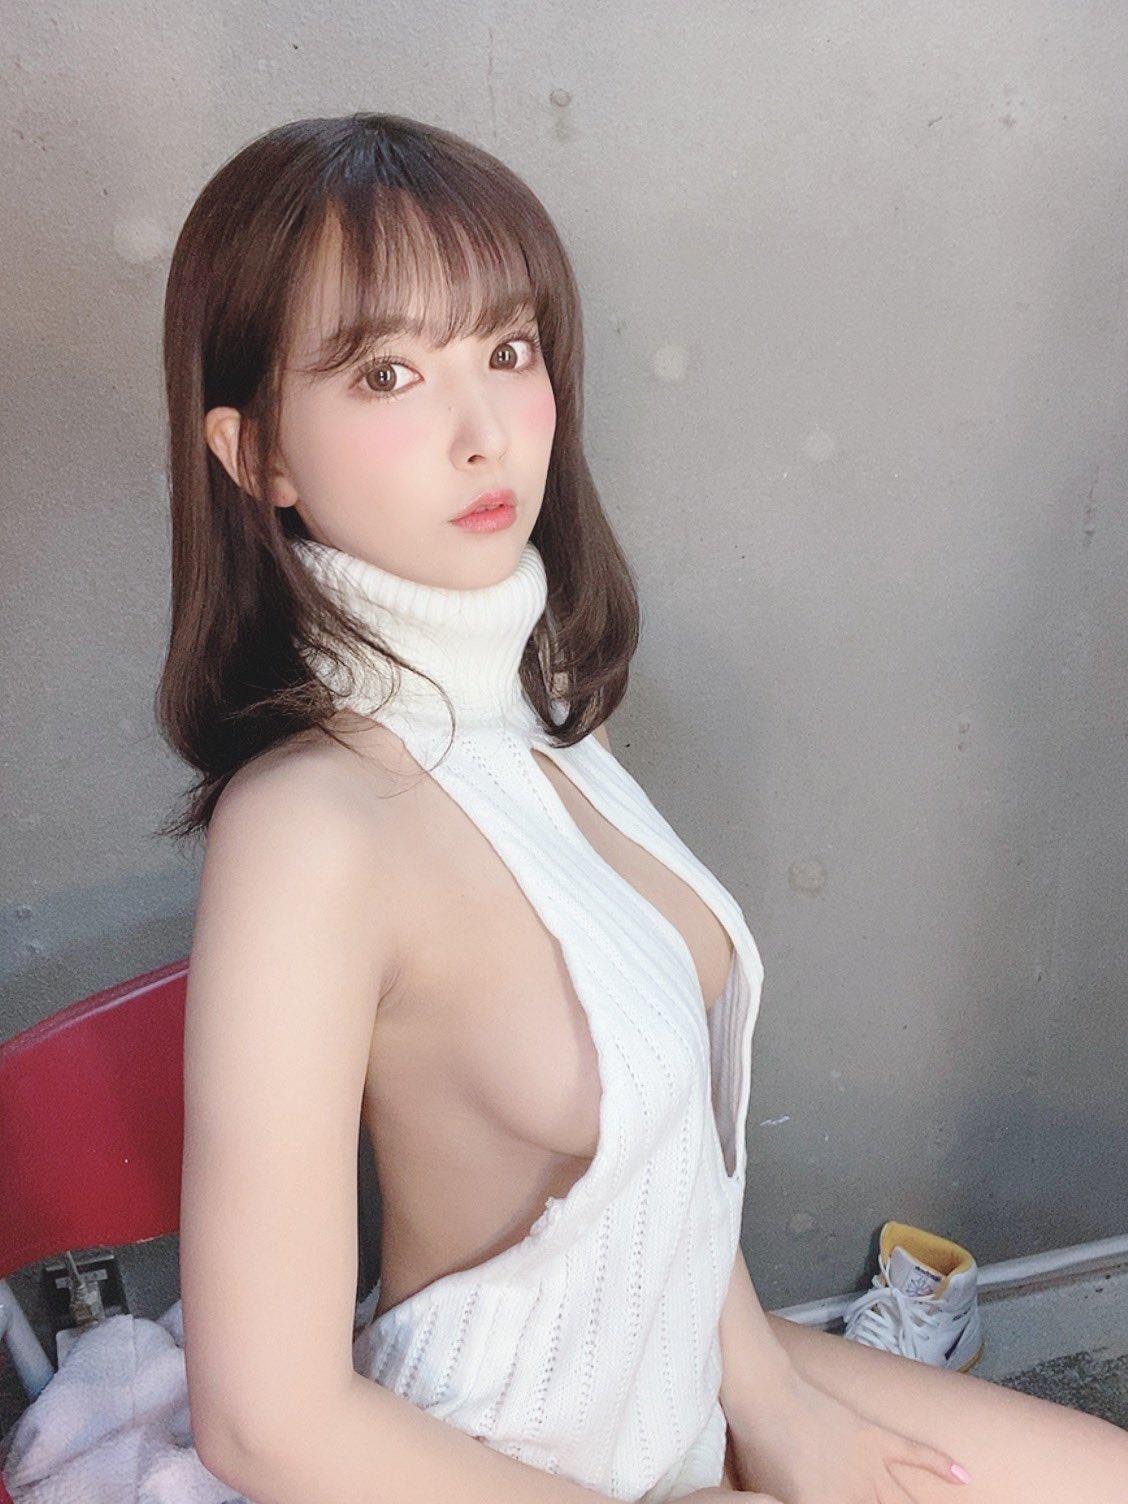 yua_mikami 1197645597978660864_p0